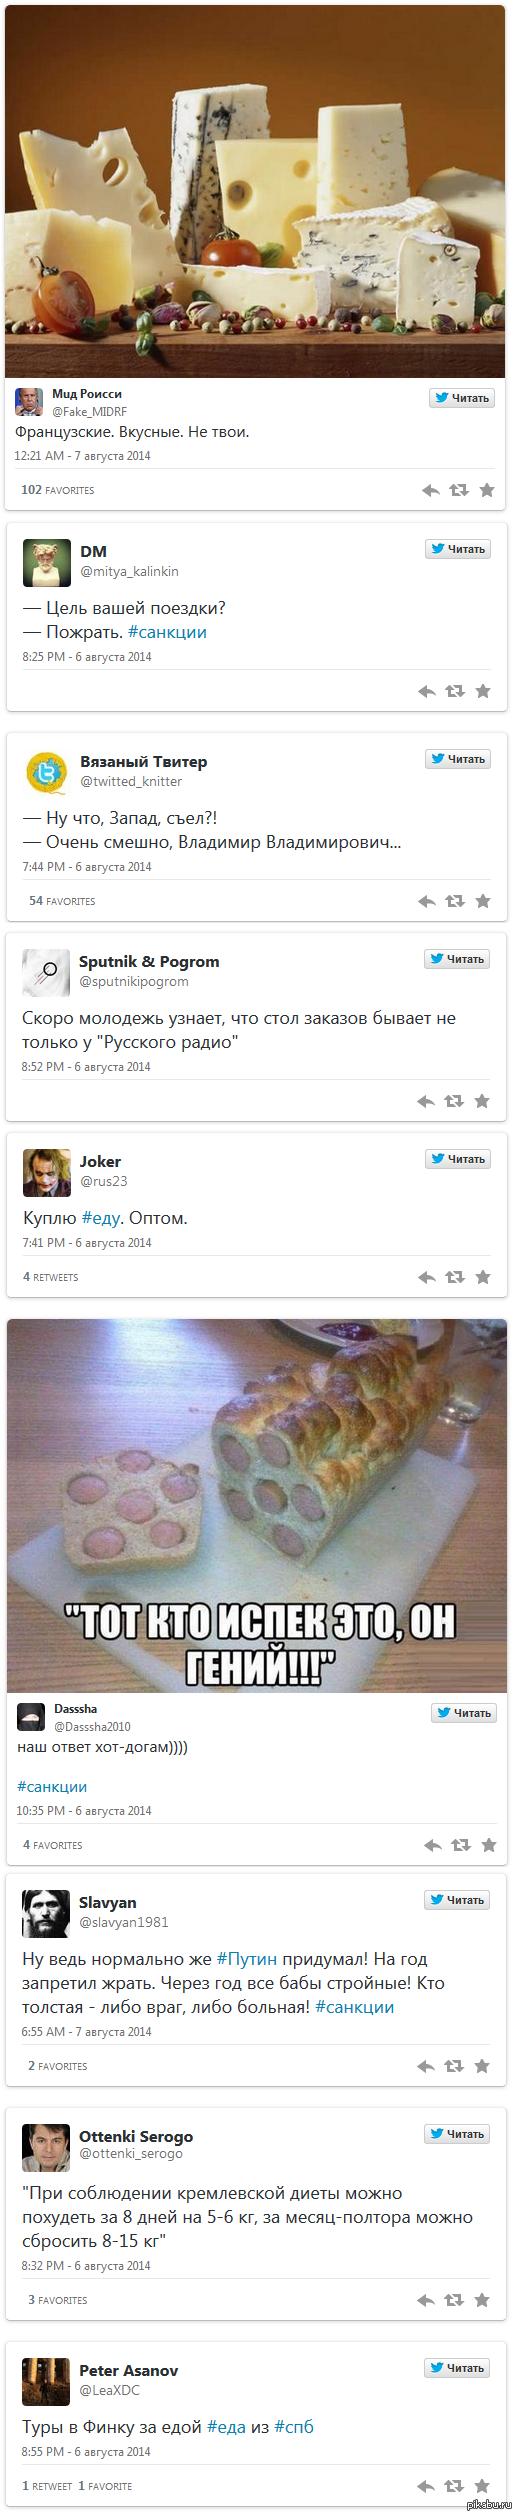 Владимир Путин ввел торговые санкции против ряда стран Запрет на ввоз продовольствия.